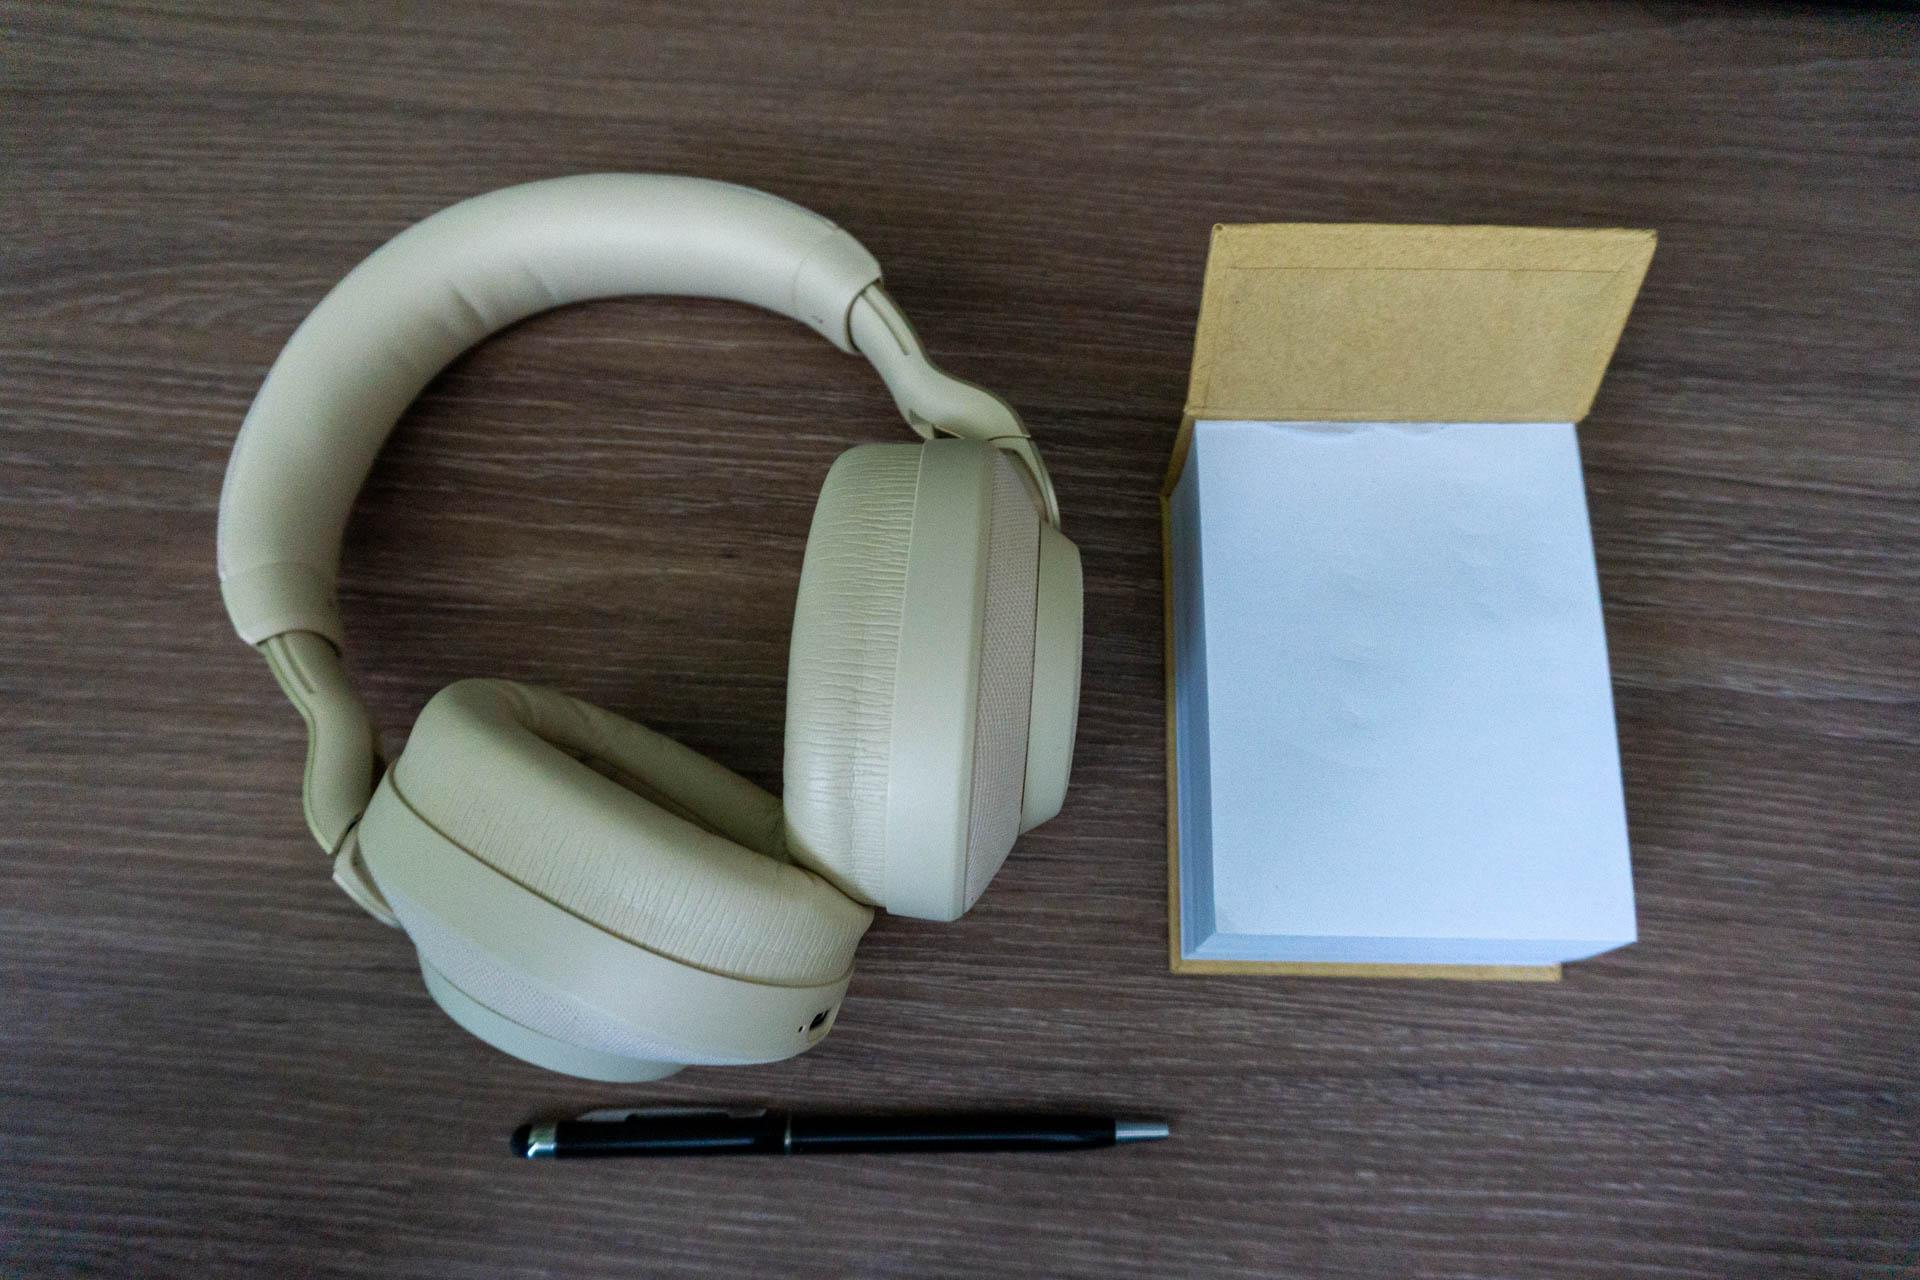 Słuchawki Jabra Elite 85h - tylko dla biznesmenów? (recenzja) 22